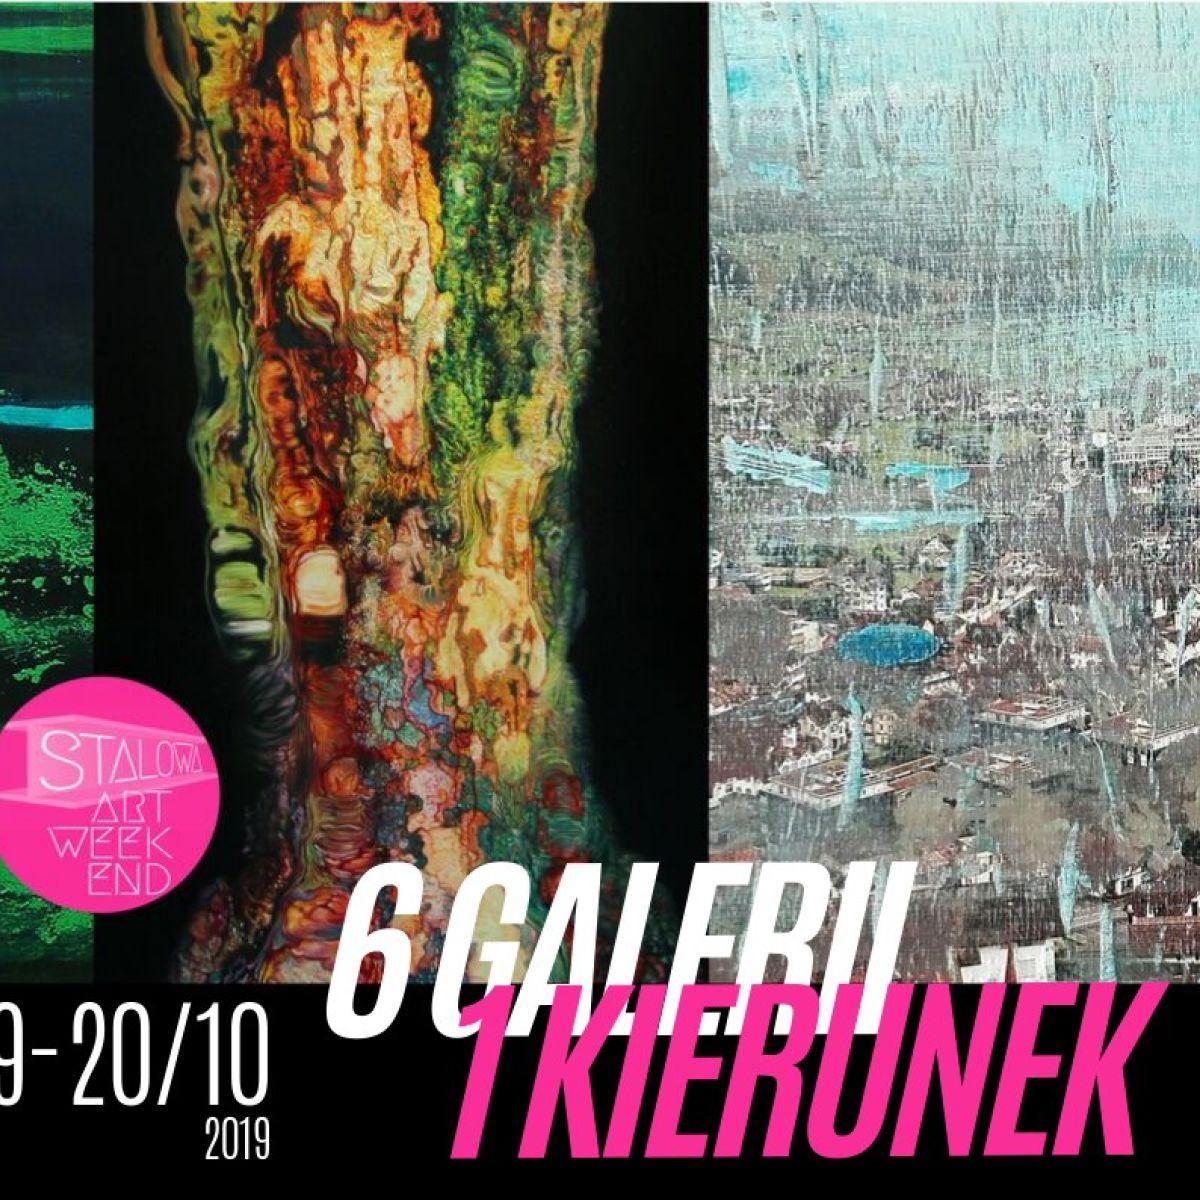 Stalowa Art Weekend - święto sztuki na warszawskiej Pradze!